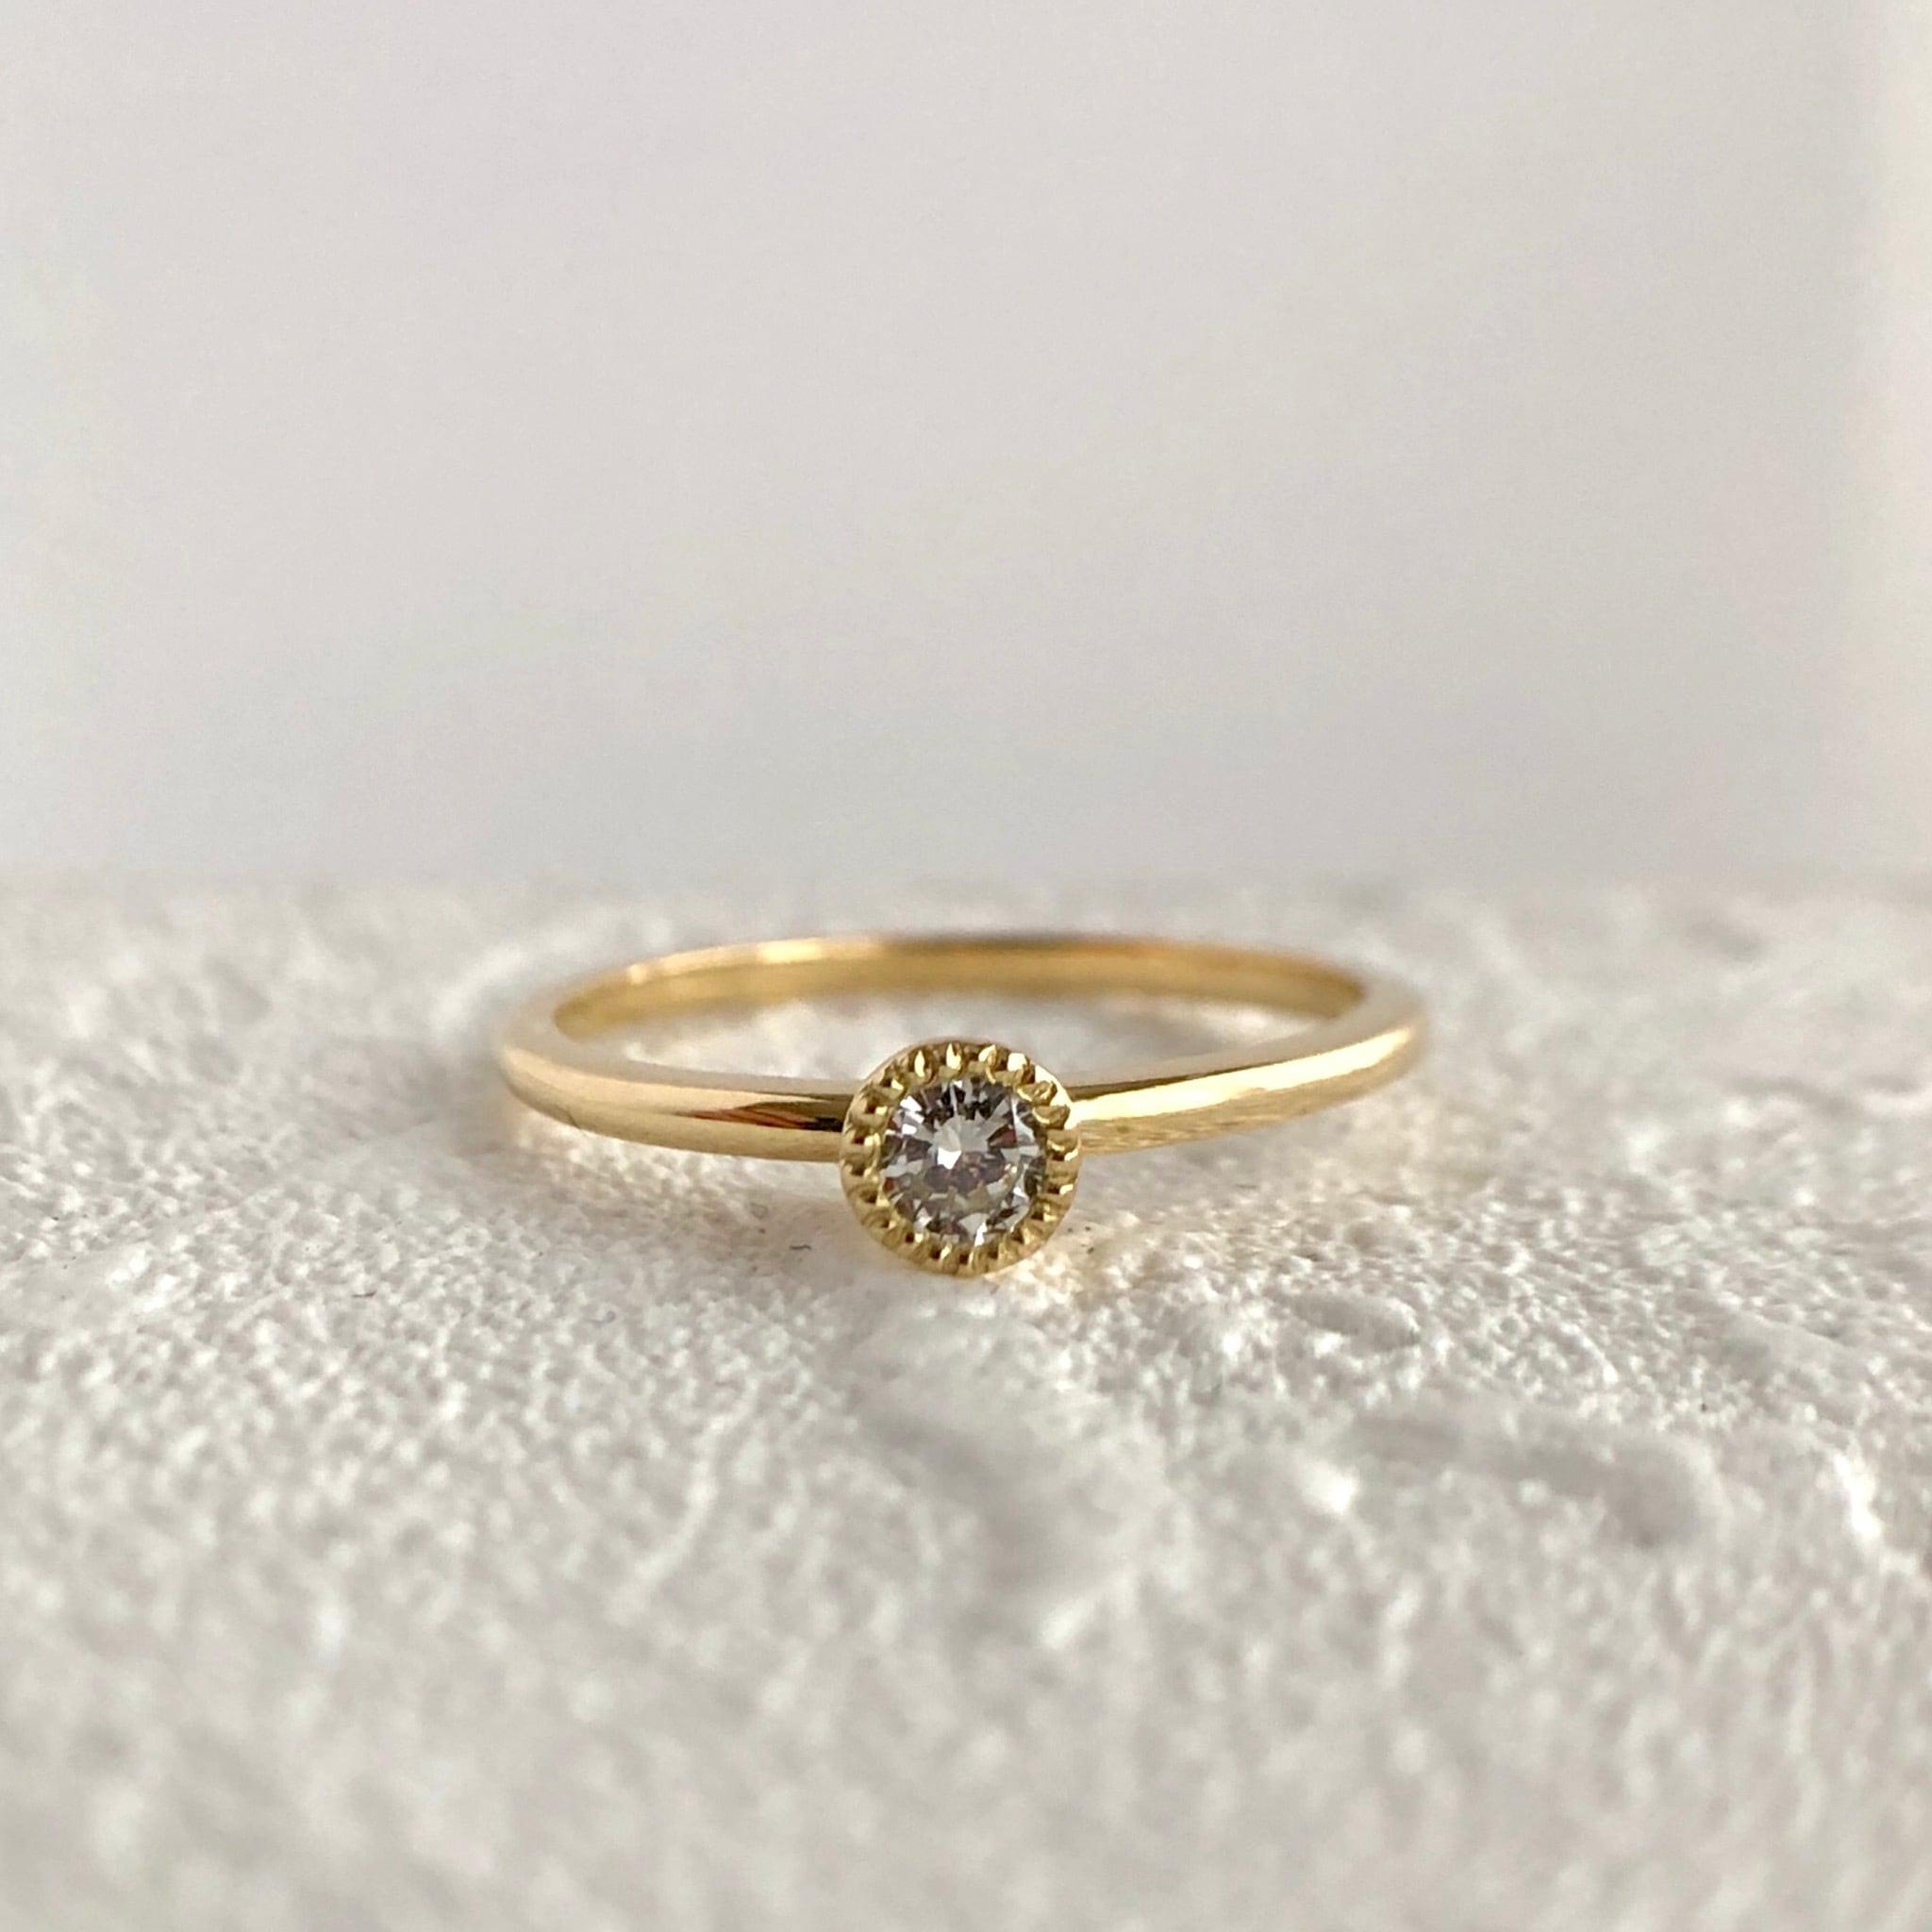 ミルグレイン ダイヤモンド リング 0.07ct  K18イエローゴールド チェカ 鑑別書付